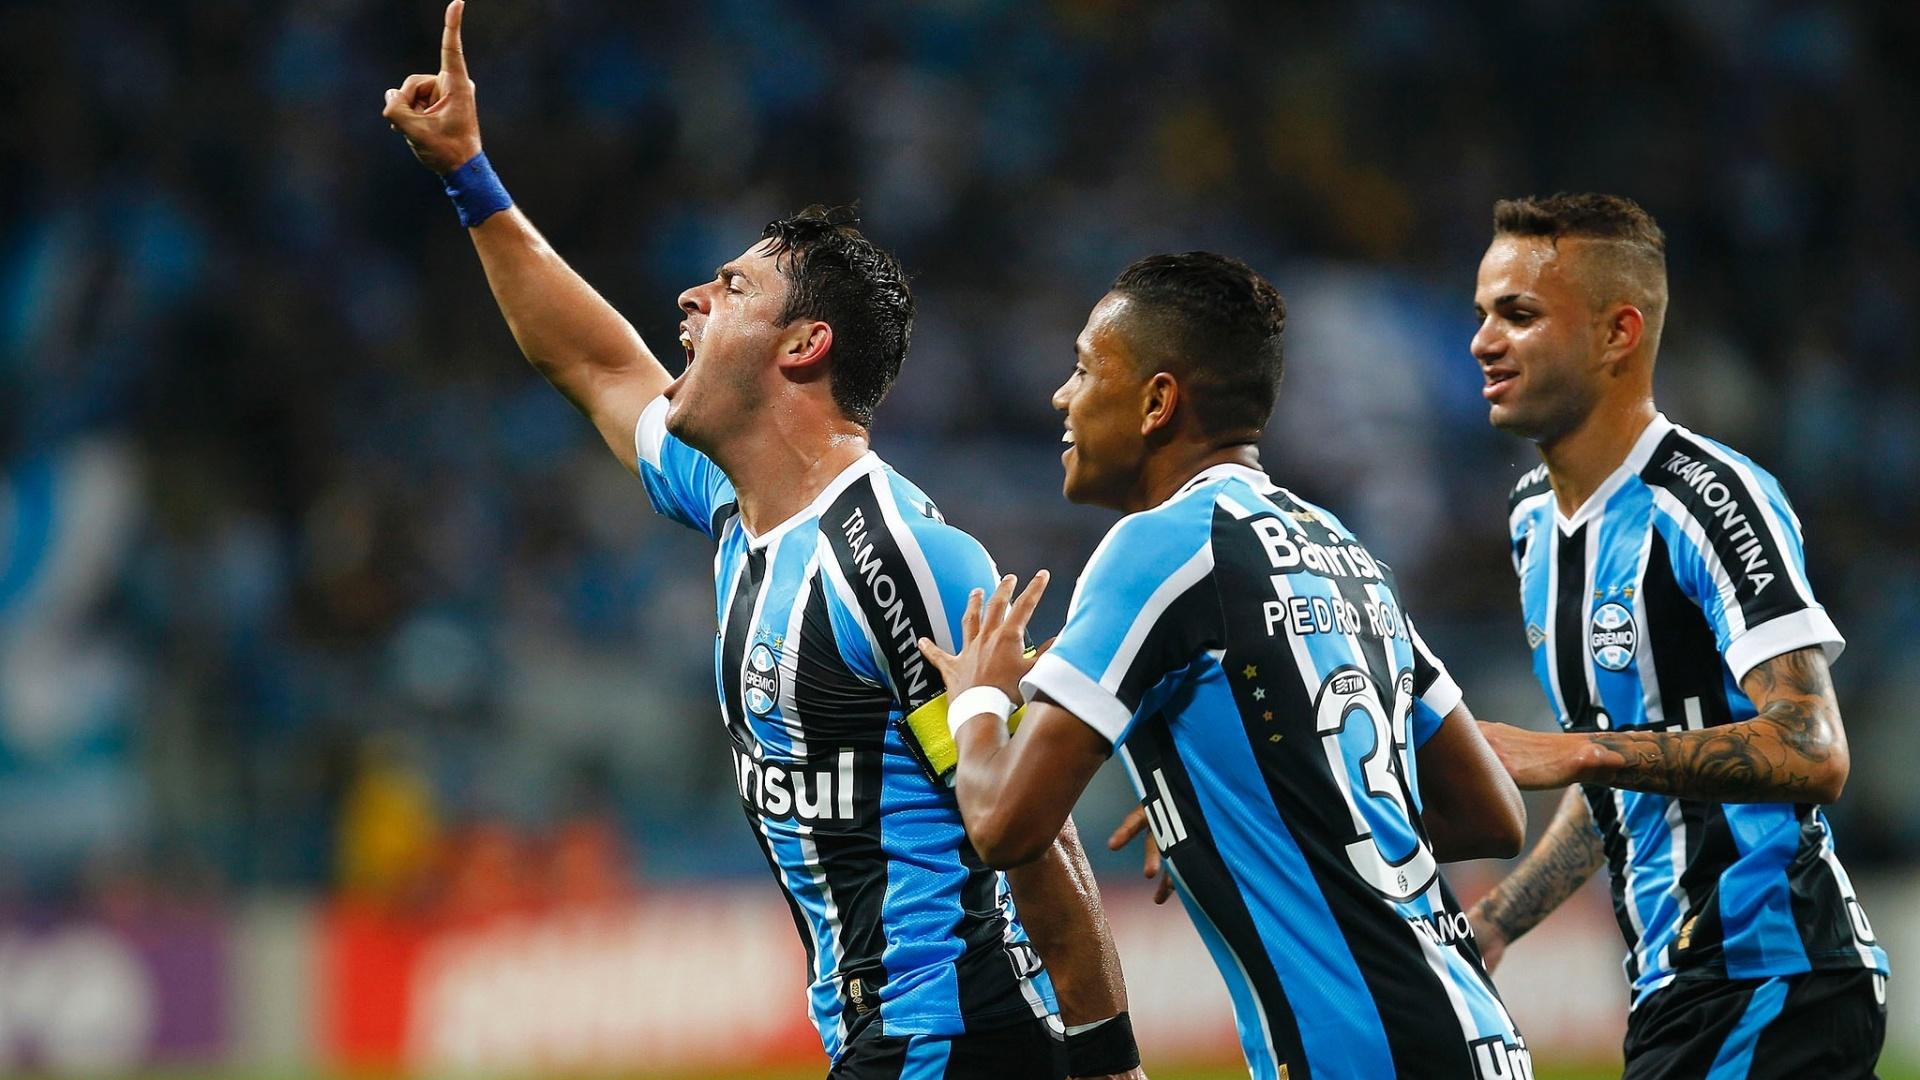 Jogadores do Grêmio comemoram gol em vitória sobre o Avaí